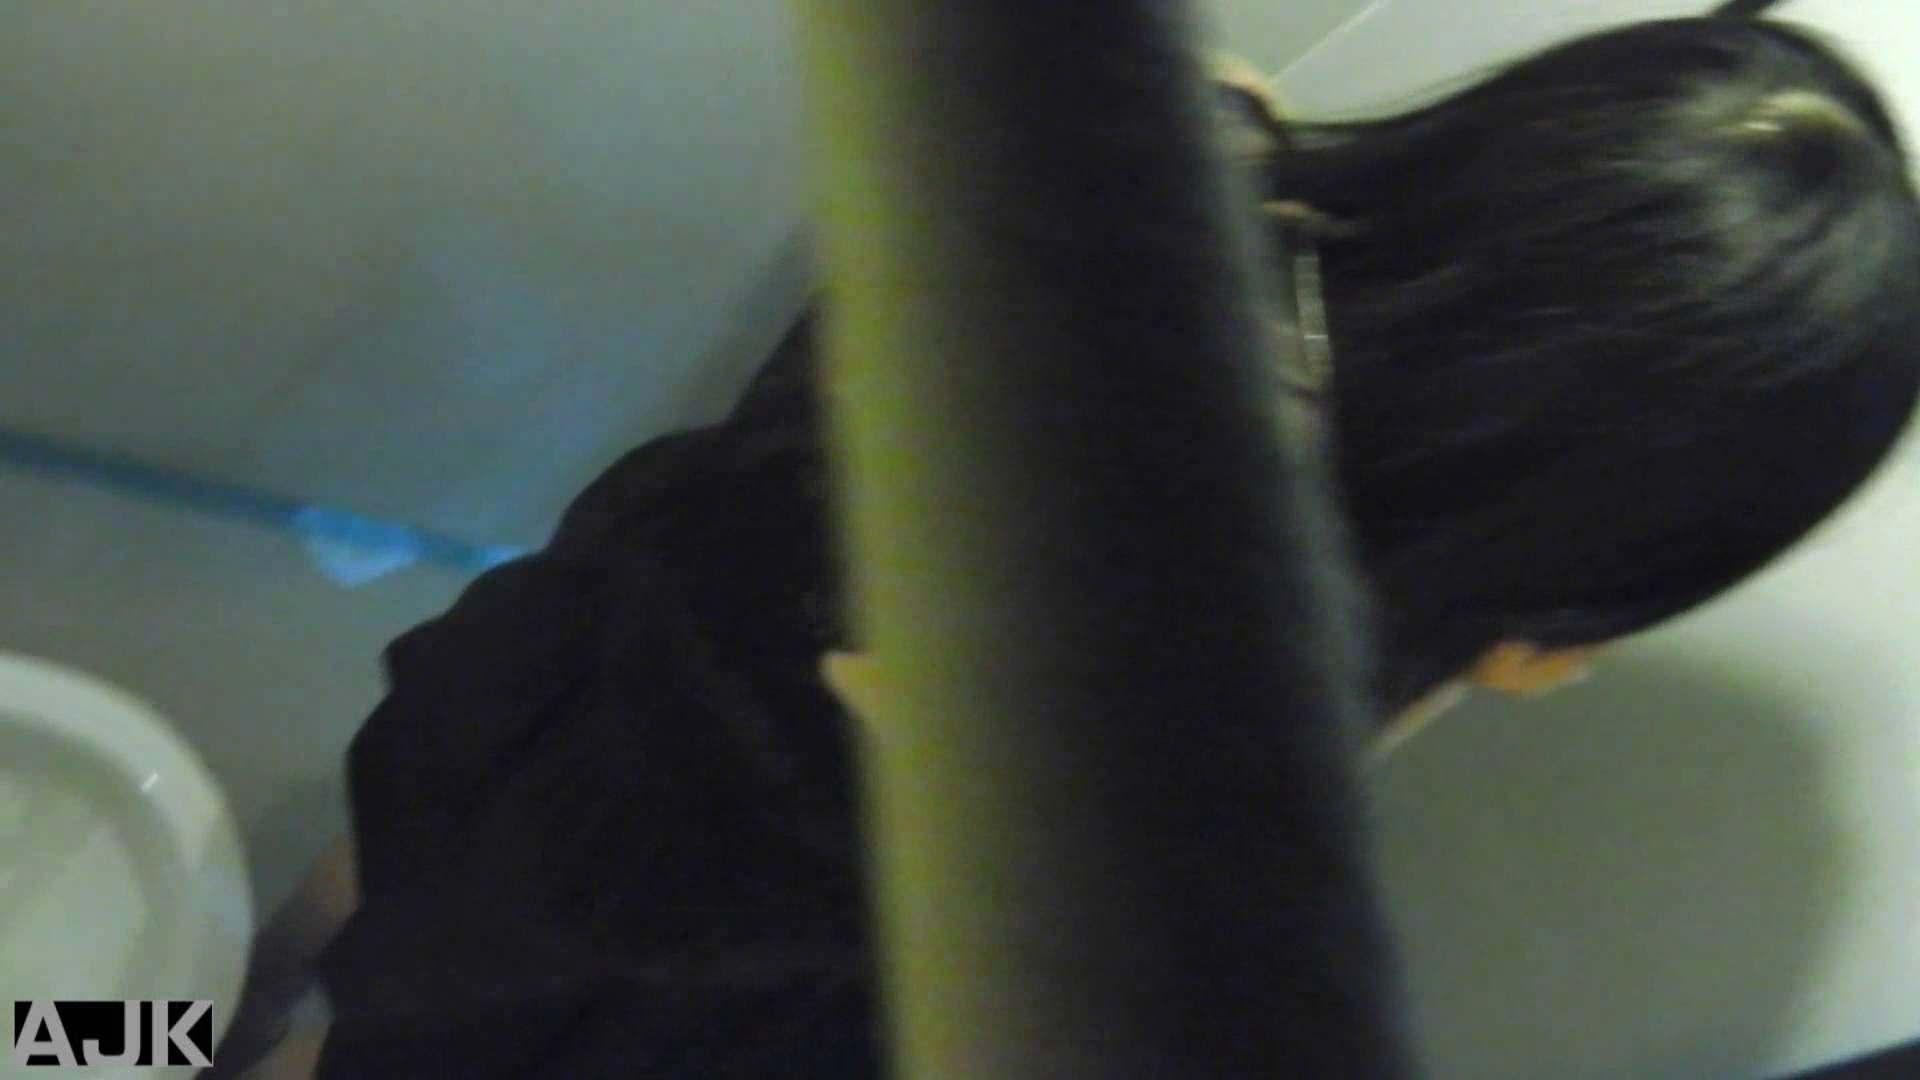 隣国上階級エリアの令嬢たちが集うデパートお手洗い Vol.25 オマンコ大好き ワレメ無修正動画無料 105画像 28